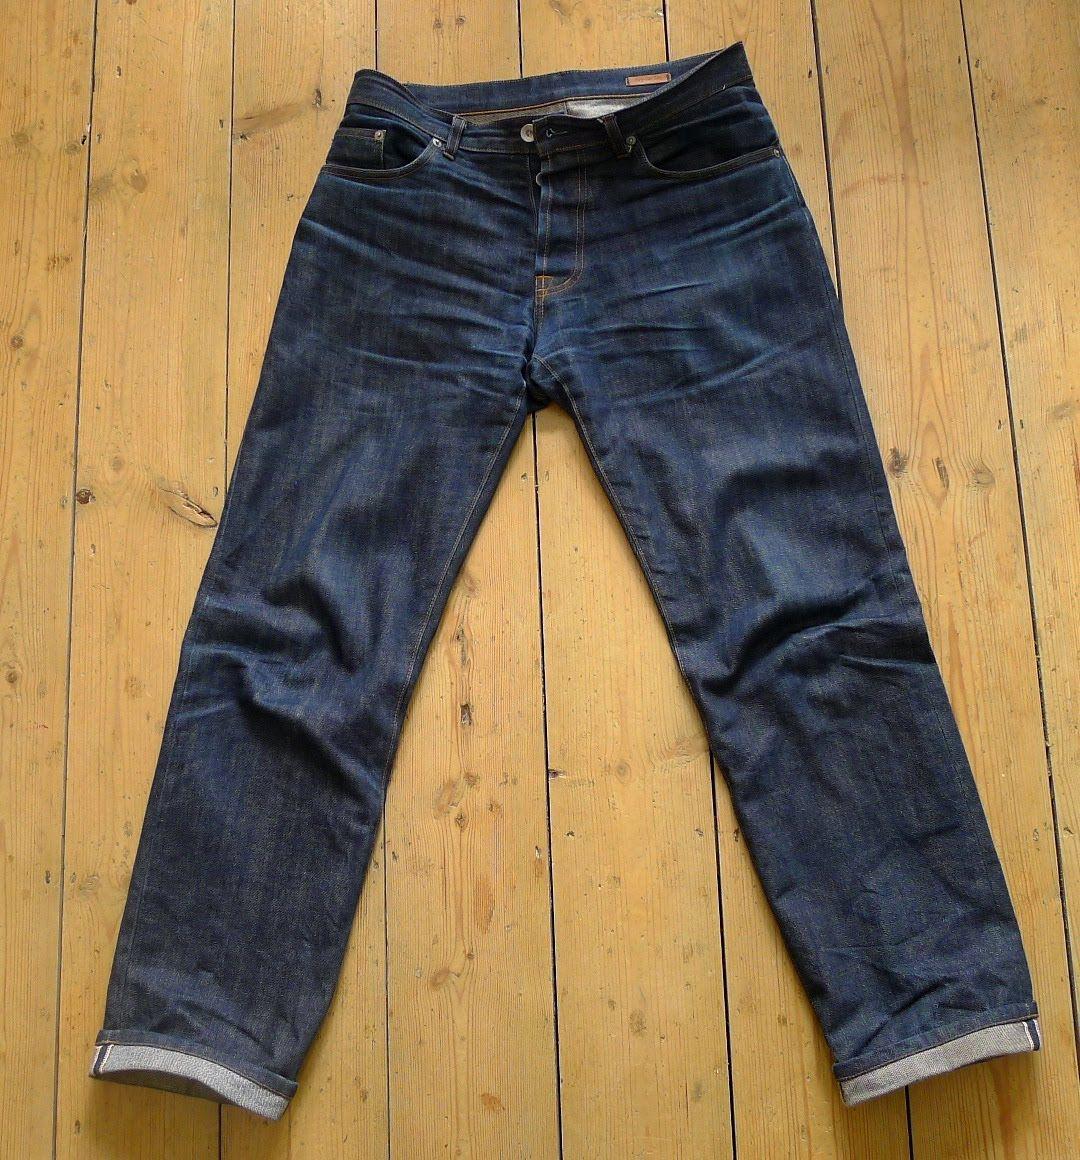 DENIM - Denim trousers Albam nC4Qx2OHC